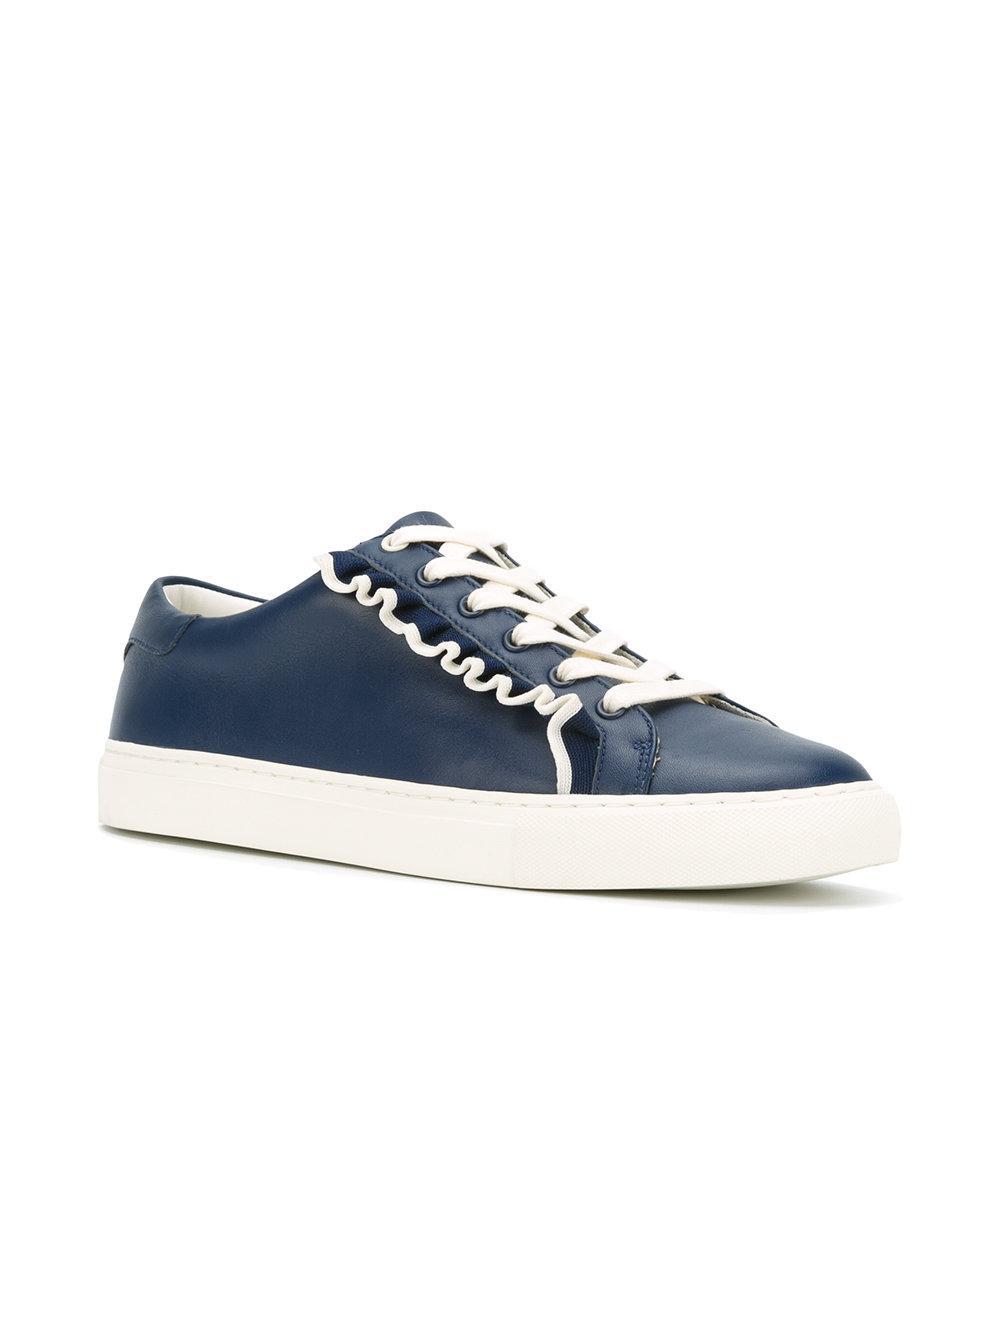 Tory Burch Jabot Garniture Chaussures De Sport - Bleu nqsRVjtCtC